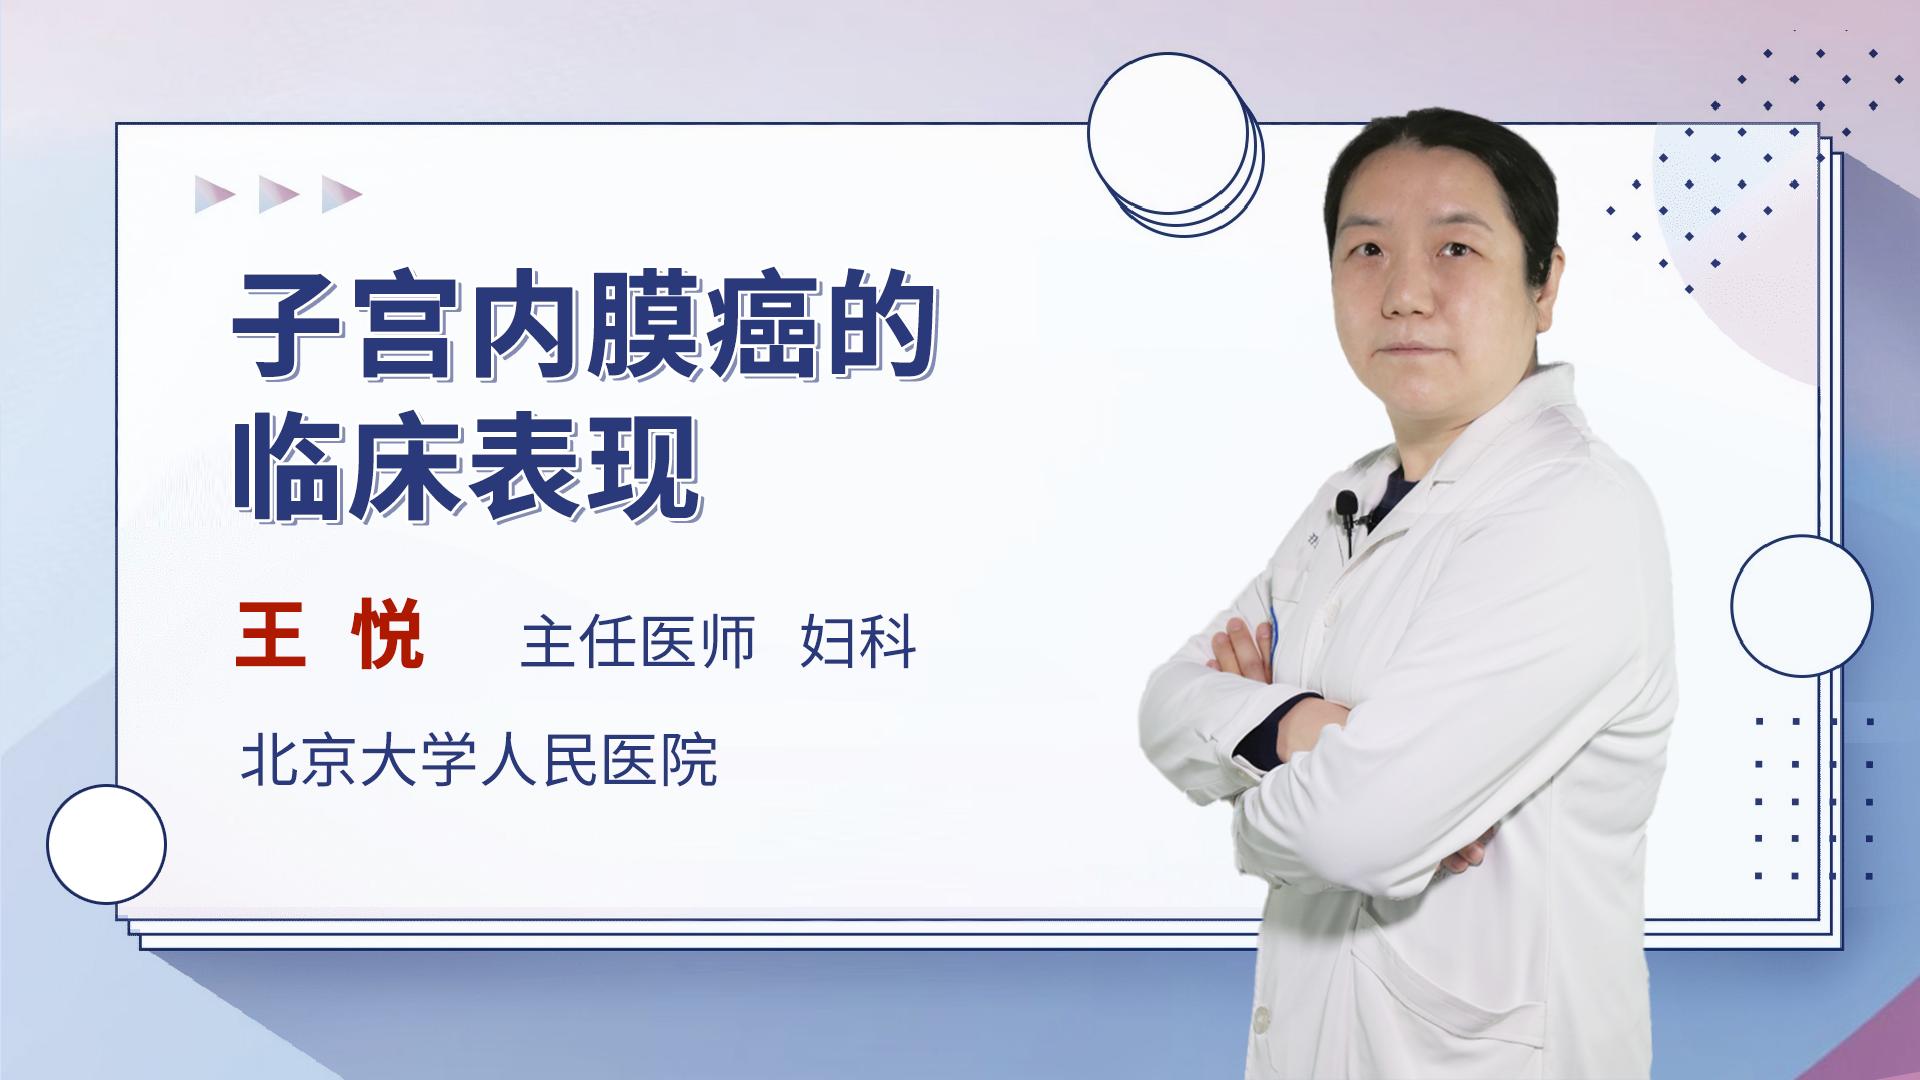 子宫内膜癌的临床表现